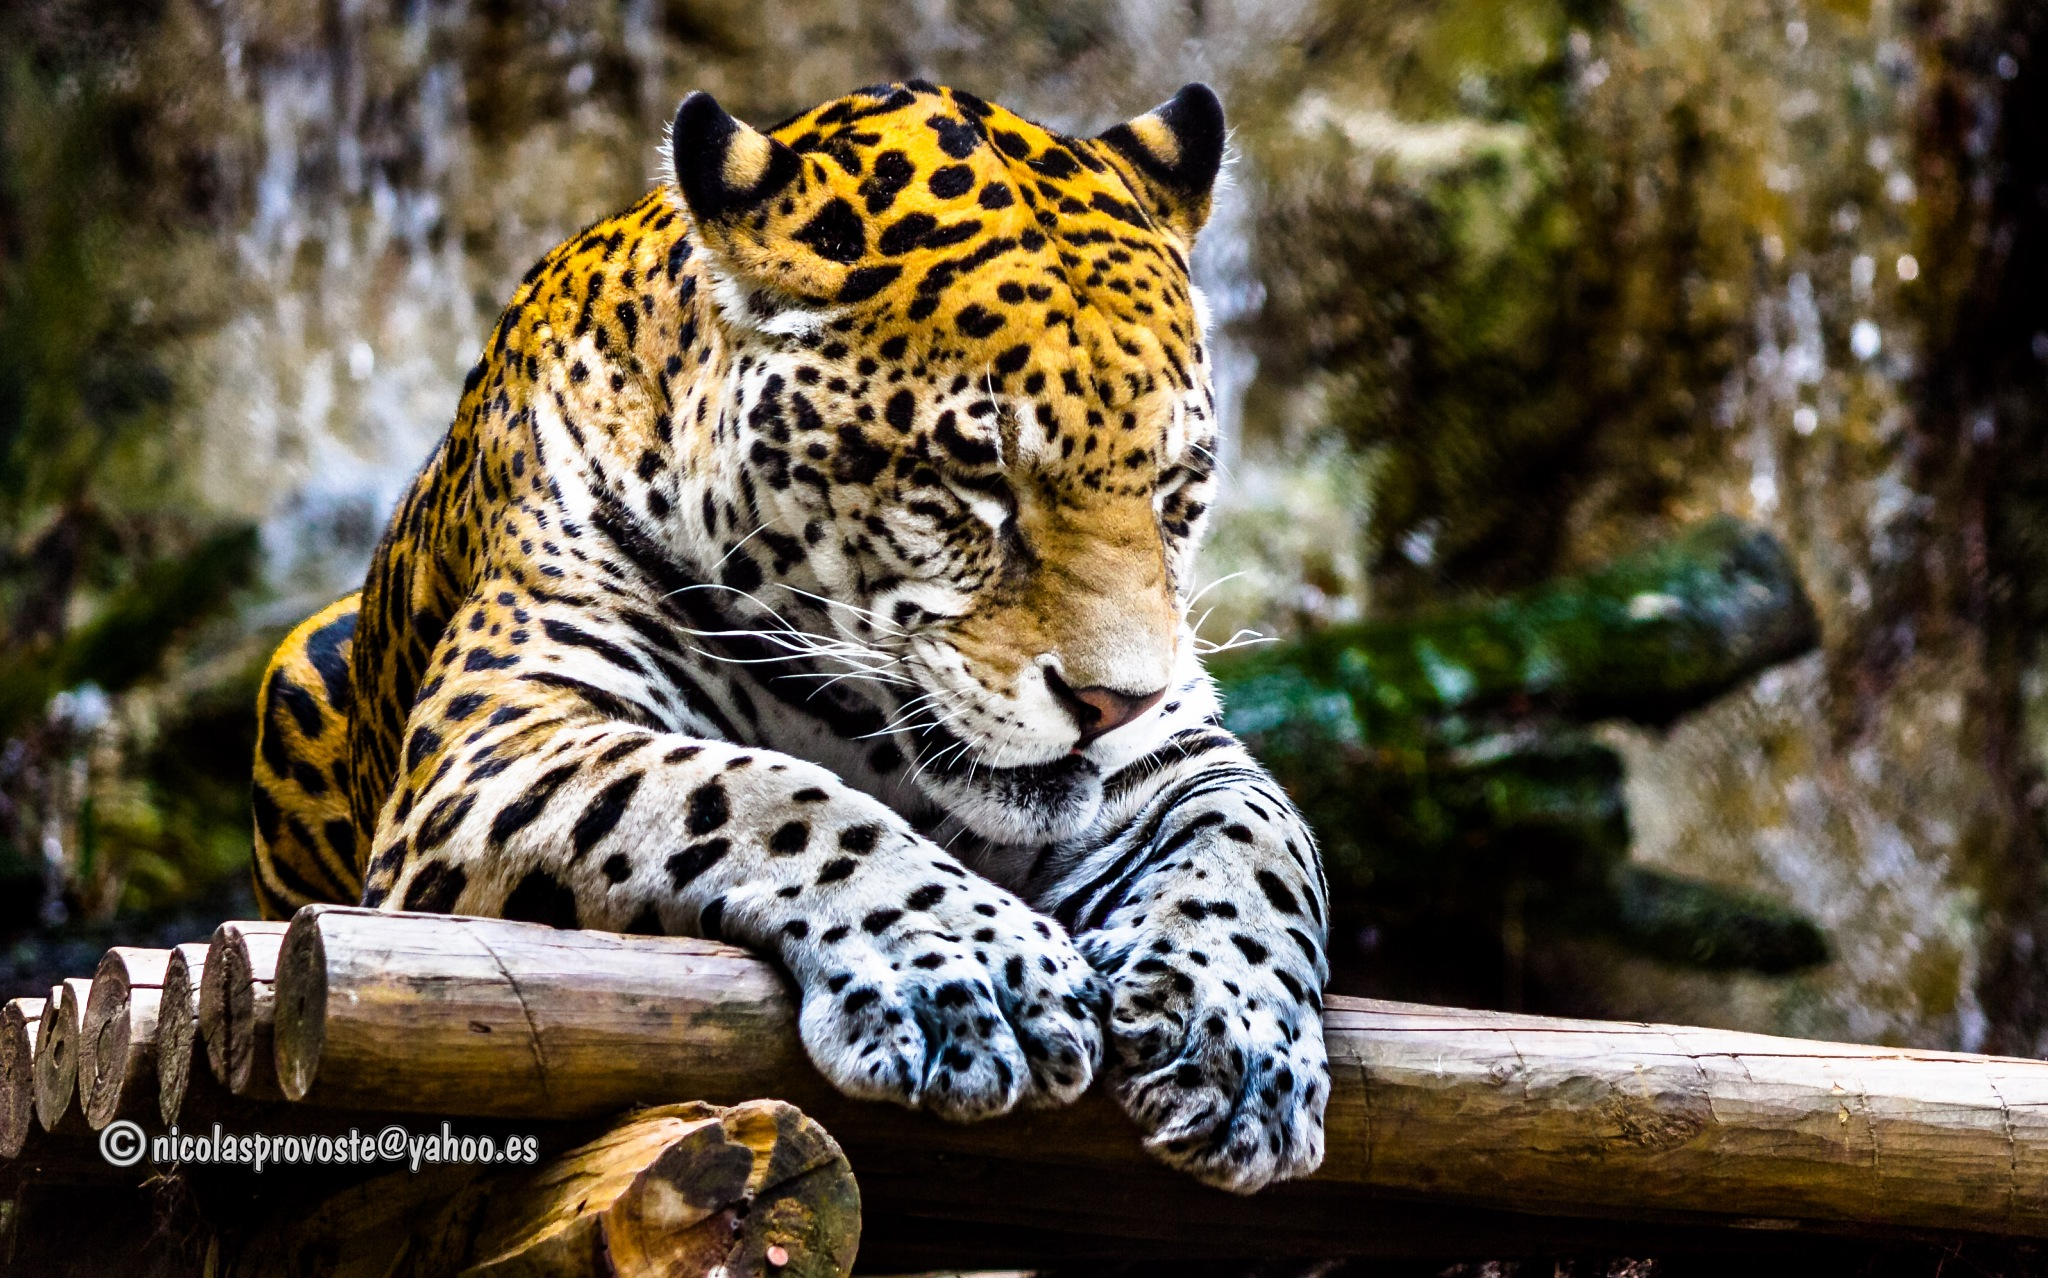 Tigre meditando by nicolasprovoste